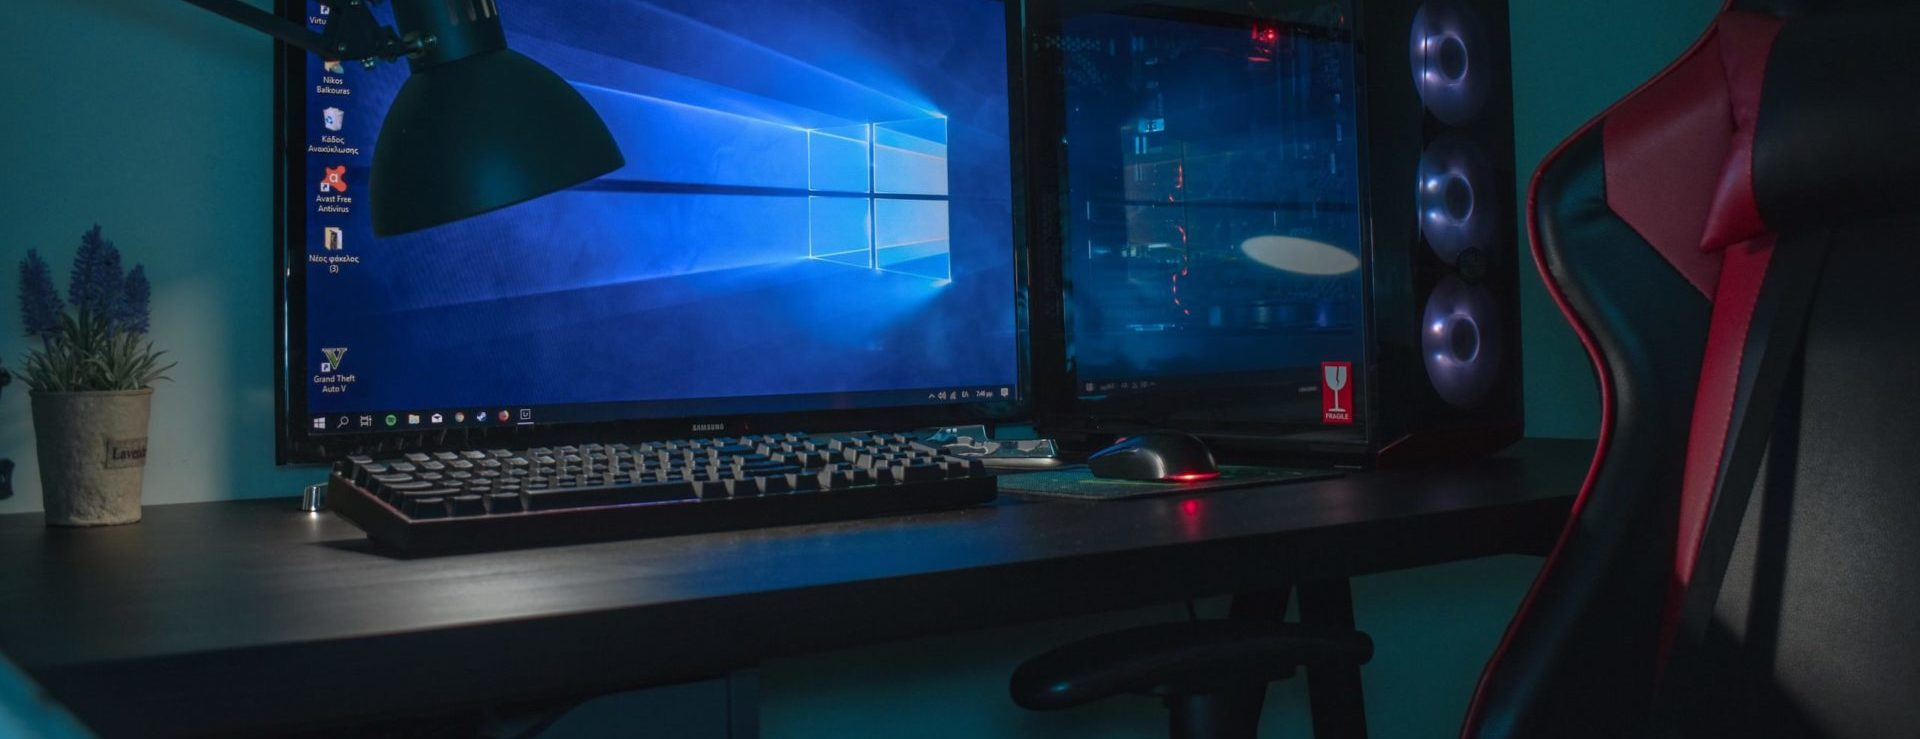 ゲーミングチェアを買うならDXRACERのメッシュタイプがオススメ!の見出し画像